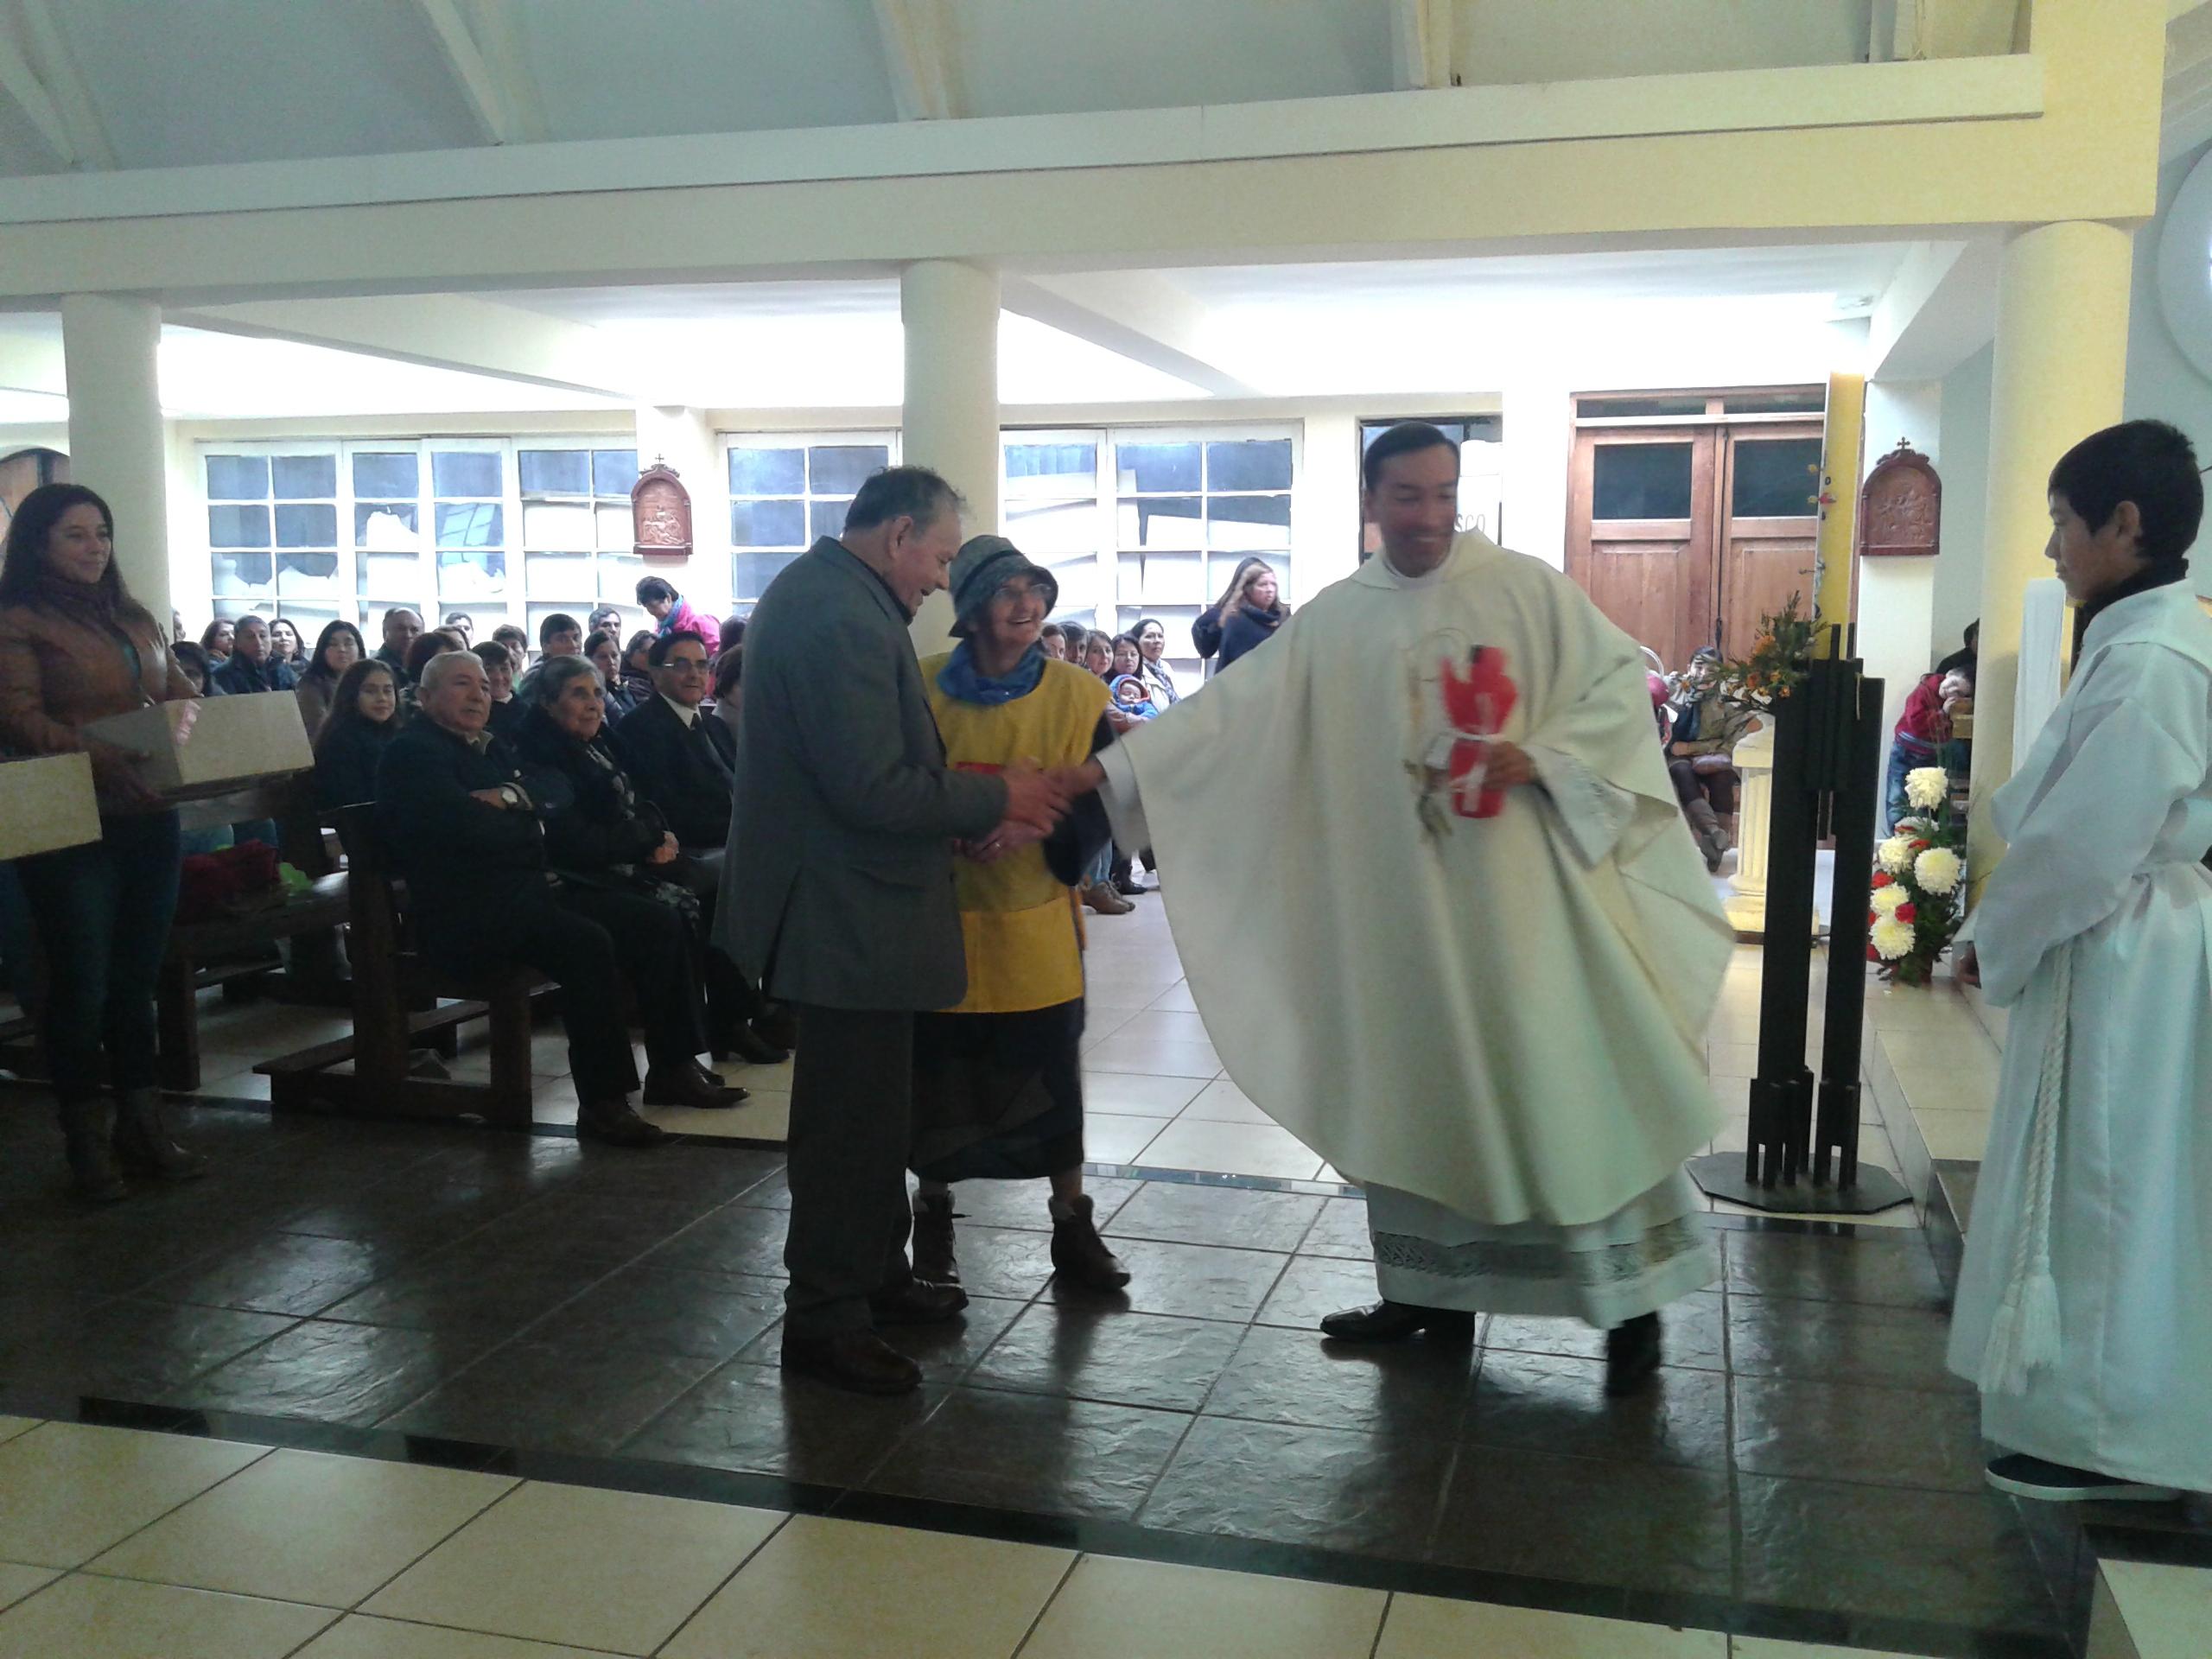 Comunidad Católica de Retiro celebró los nueve años de servicio sacerdotal del padre Alex Troncoso